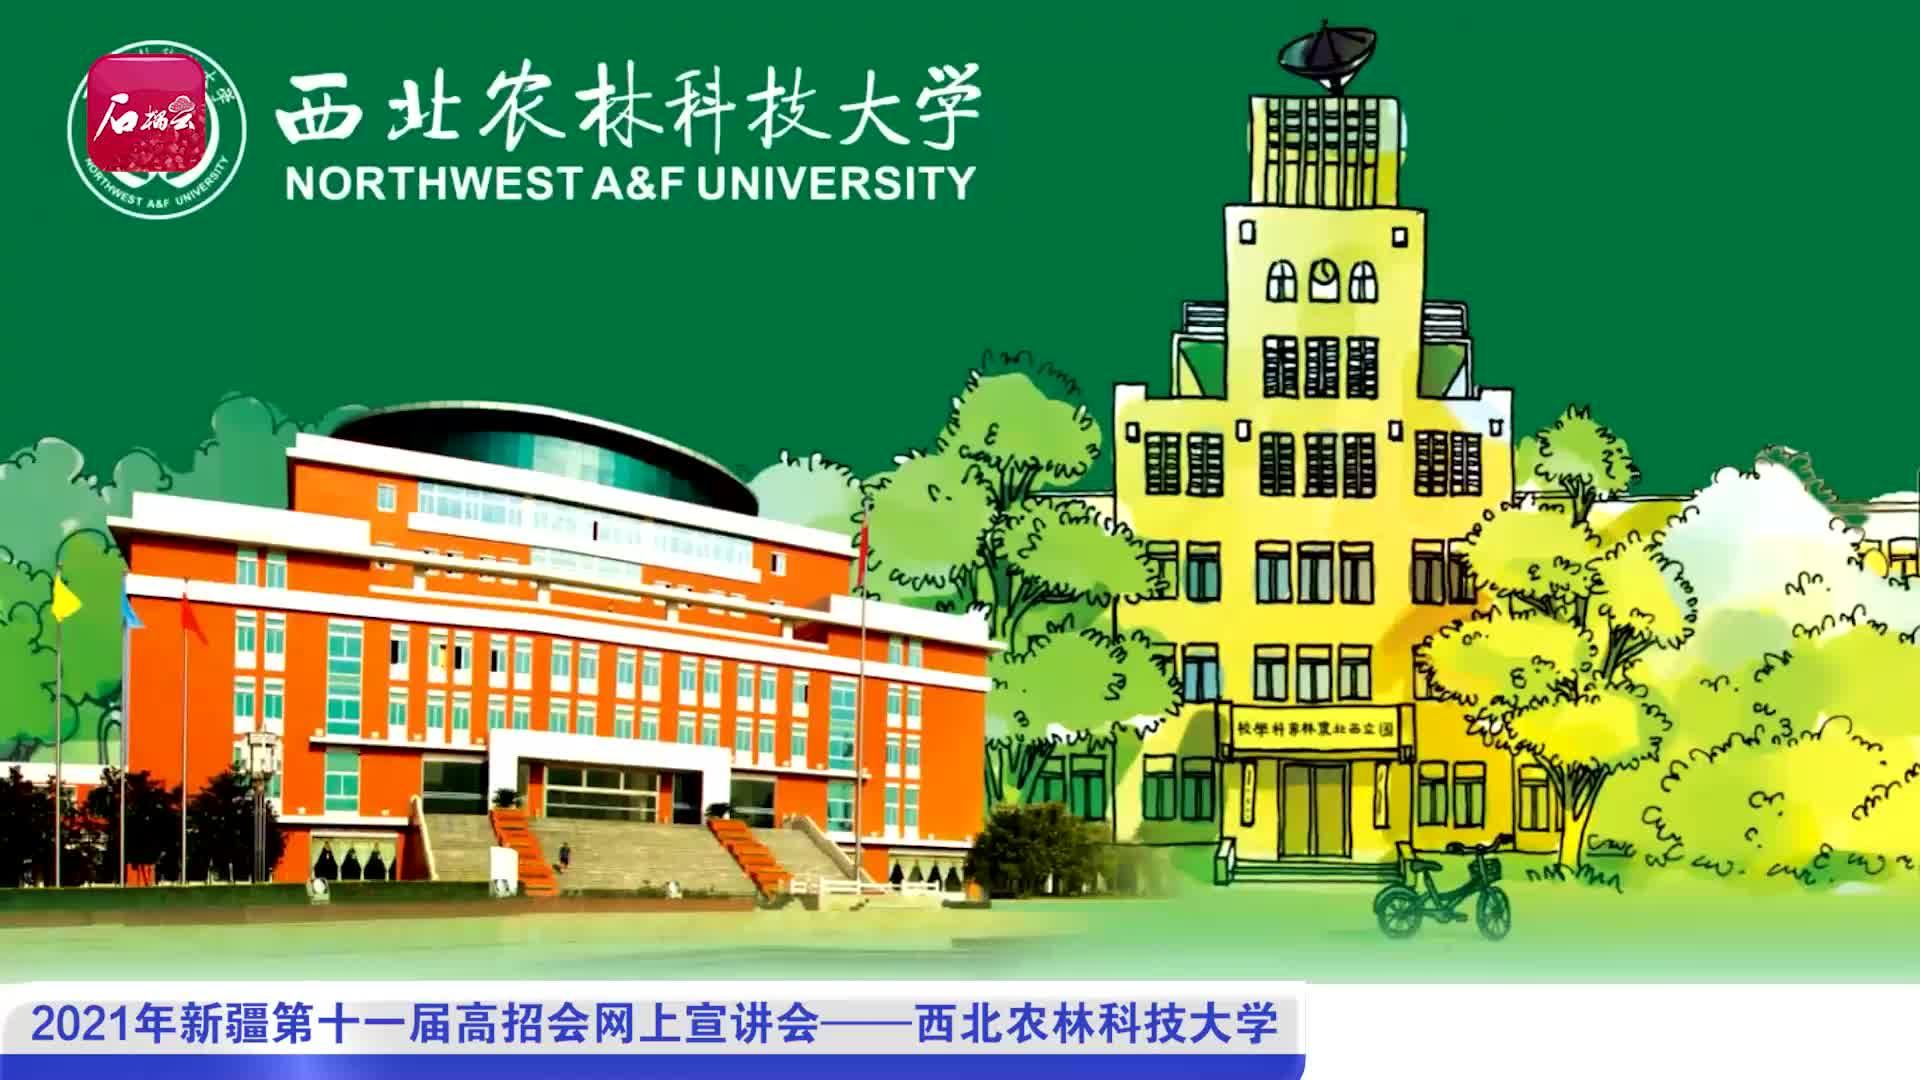 2021年新疆第十一届高招会网上宣讲会——西北农林科技大学